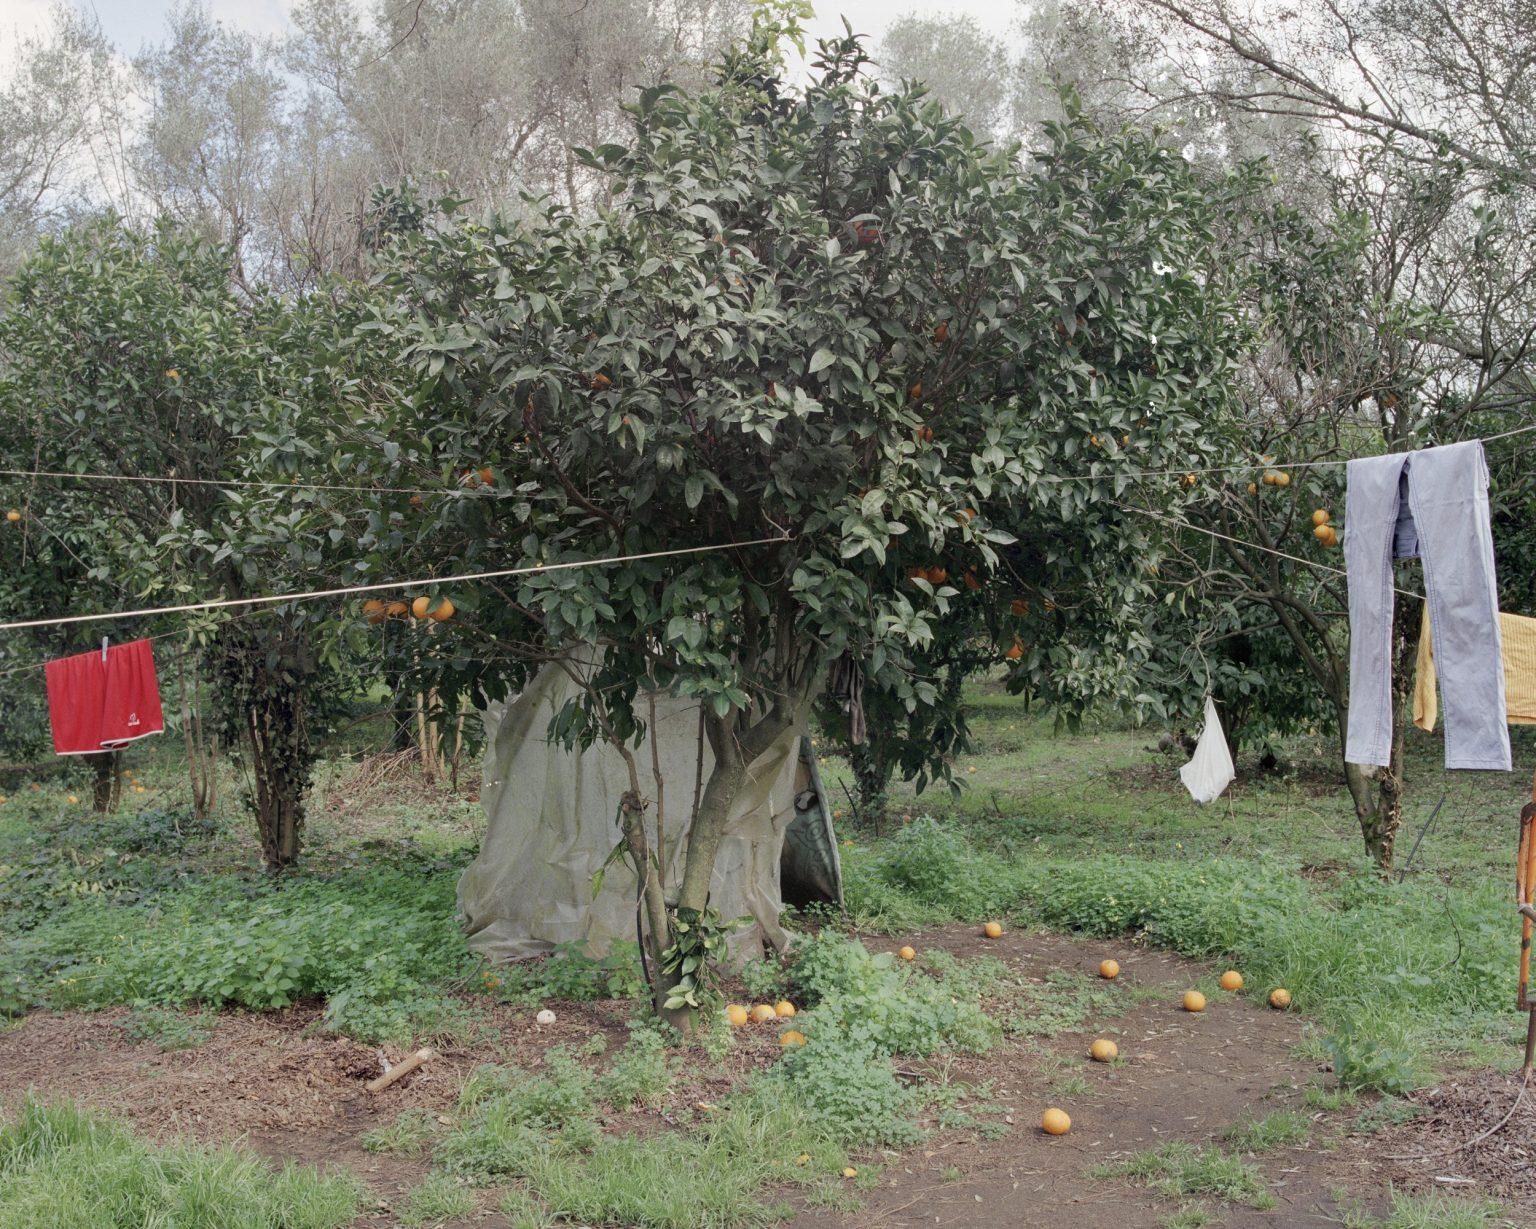 """Drosi (Gioia Tauro), 2016. Temporary shelter set in a citrus grove in the plain of Gioia Tauro. According to CGIL (union organization) in Italy there are about 400 thousand foreign daily laboures who find work through the """"caporalato"""" (system of directly hiring farm labour for very low wages by landowner's agents). ><  Drosi (Gioia Tauro), 2016. Rifugio temporaneo in un agrumeto della piana di Gioia Tauro. Secondo la CGIL in Italia sono circa 400 mila i lavoratori stagionali stranieri che trovano lavoro attraverso il caporalato."""